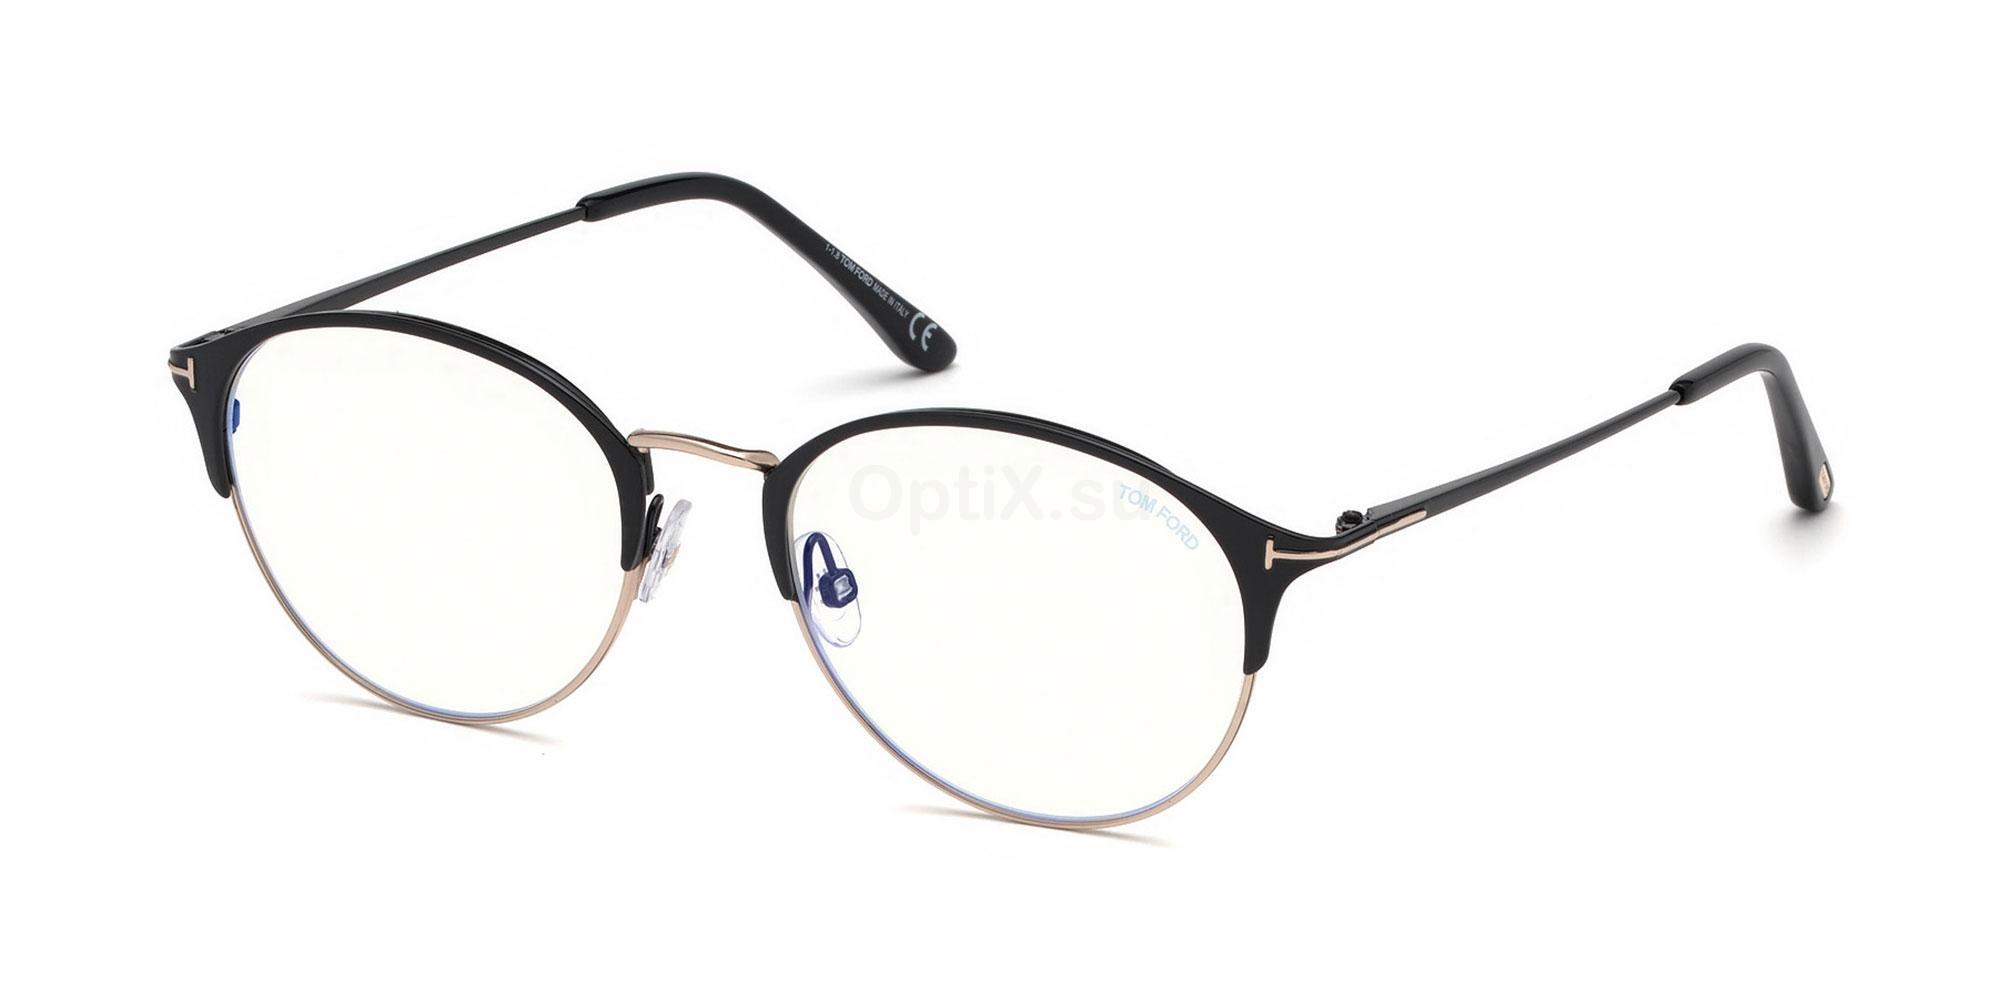 001 FT5541-B Glasses, Tom Ford